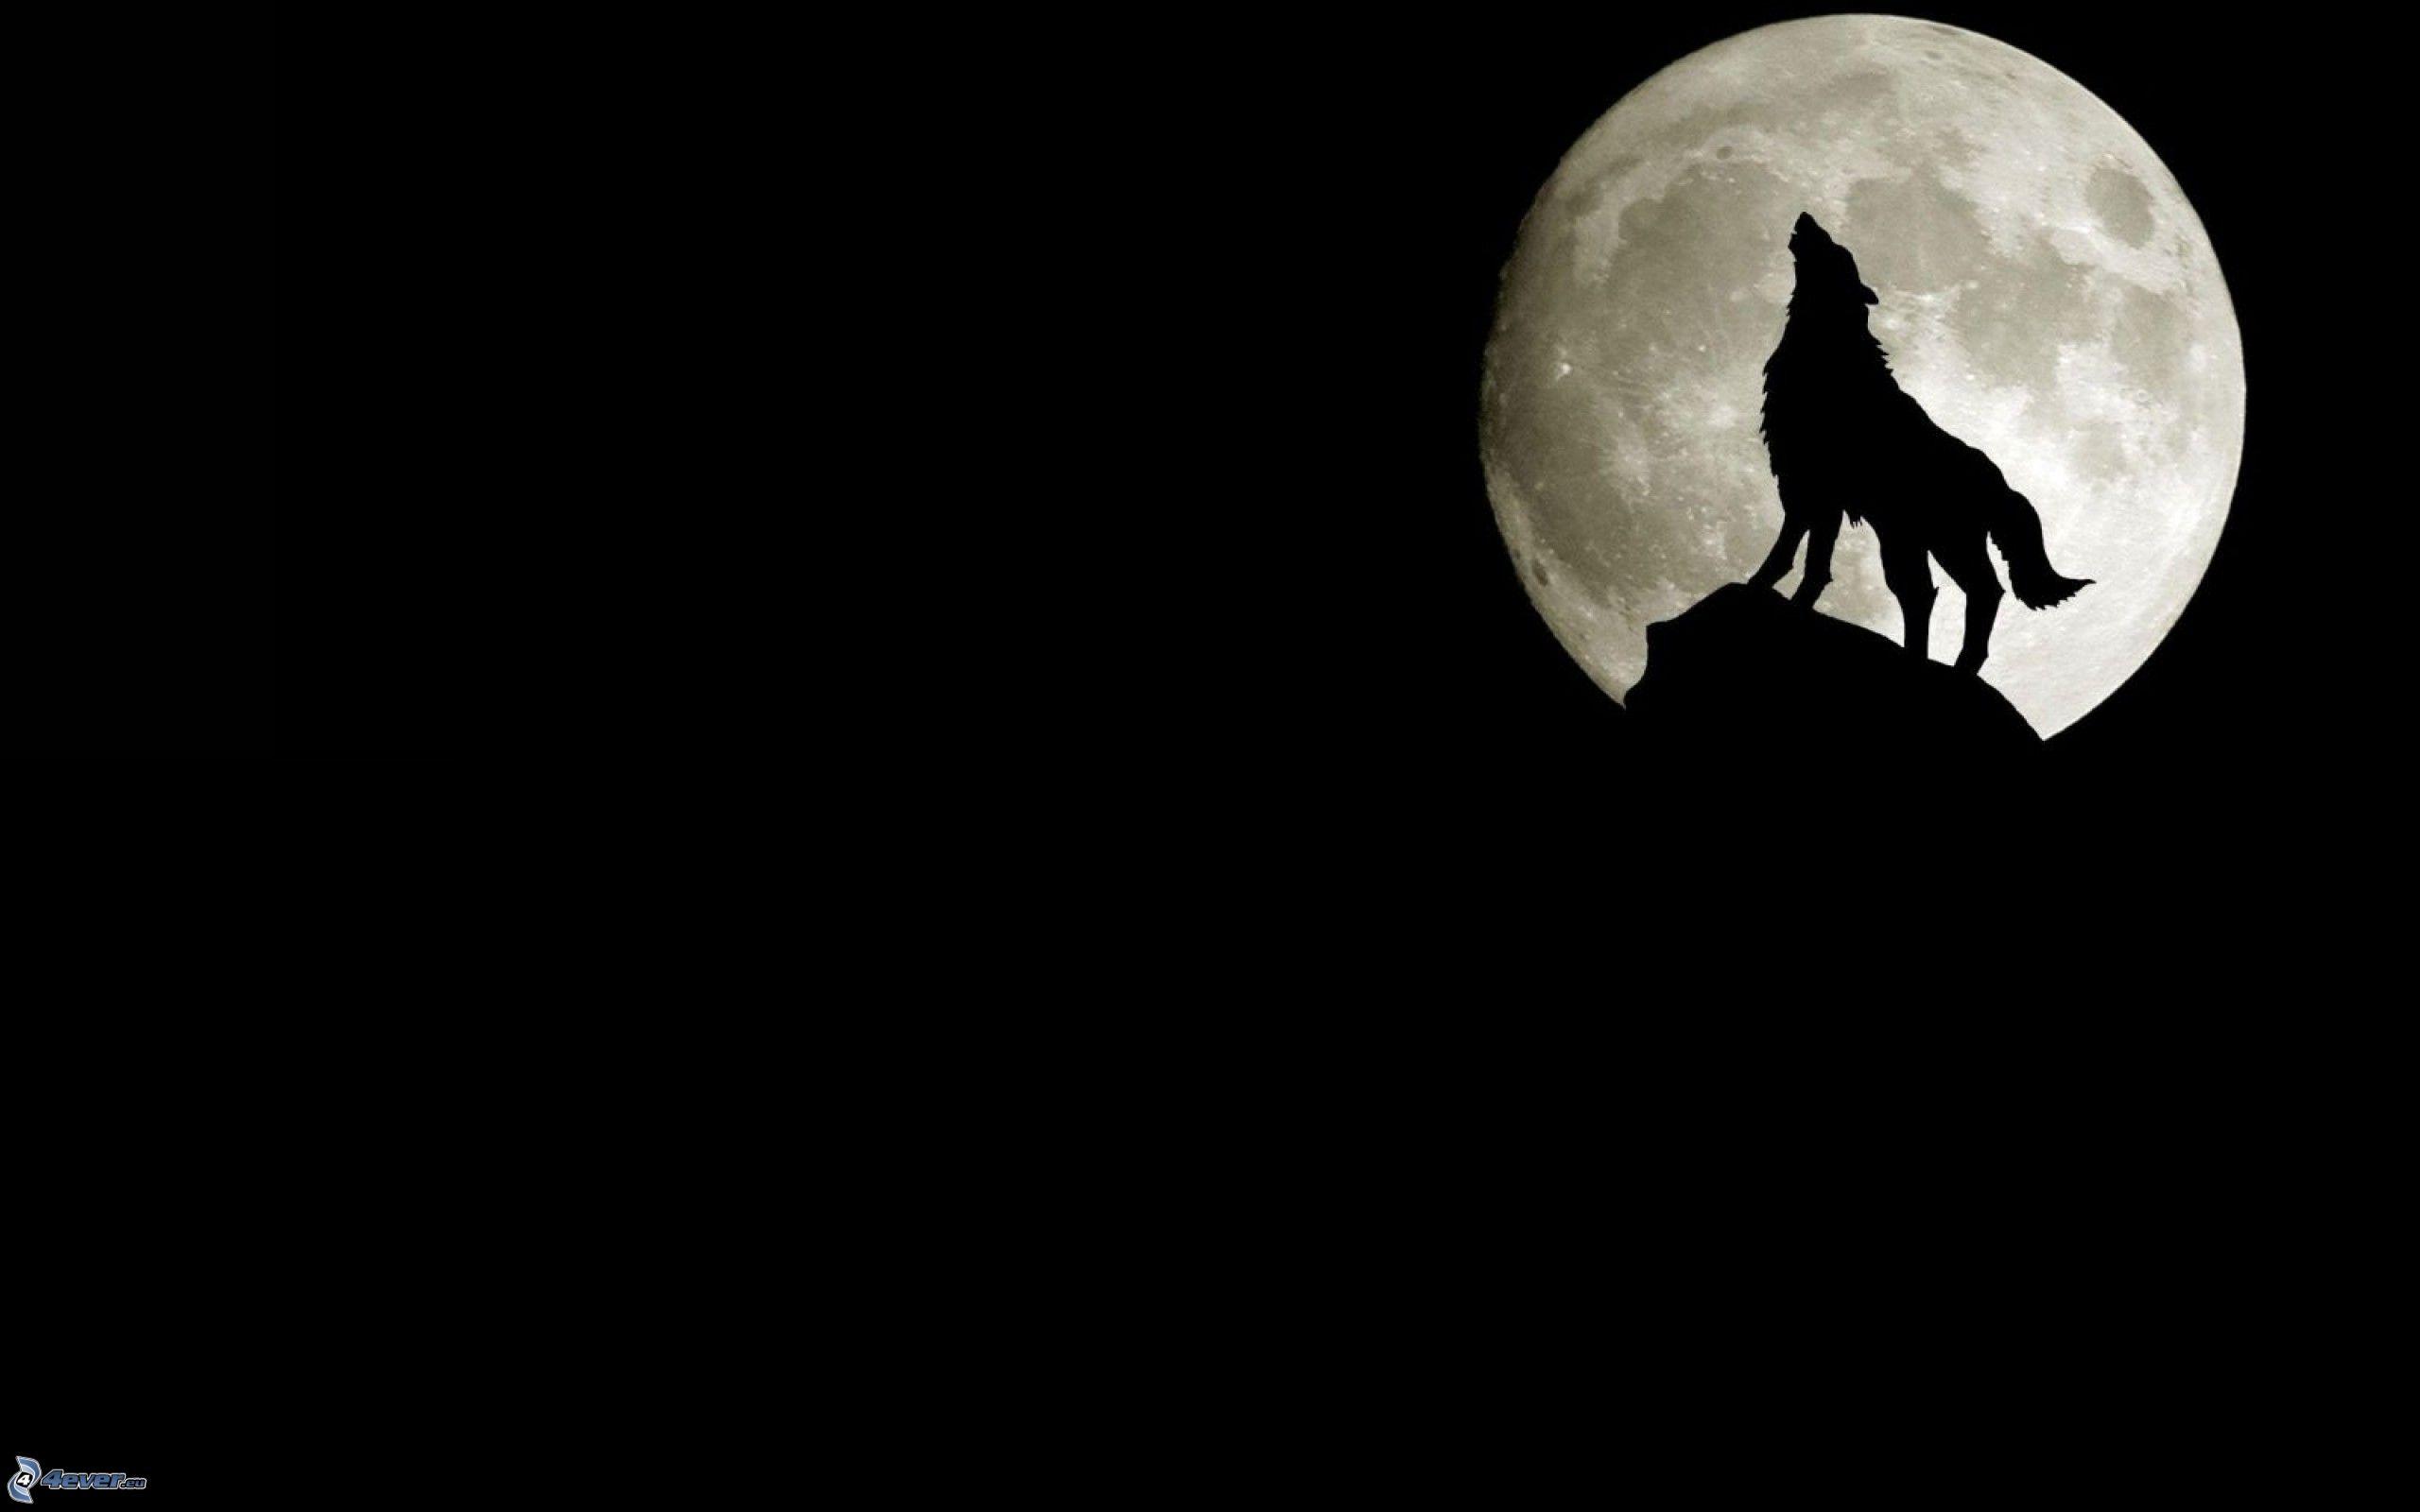 Silueta Lobo: Silueta De Un Lobo